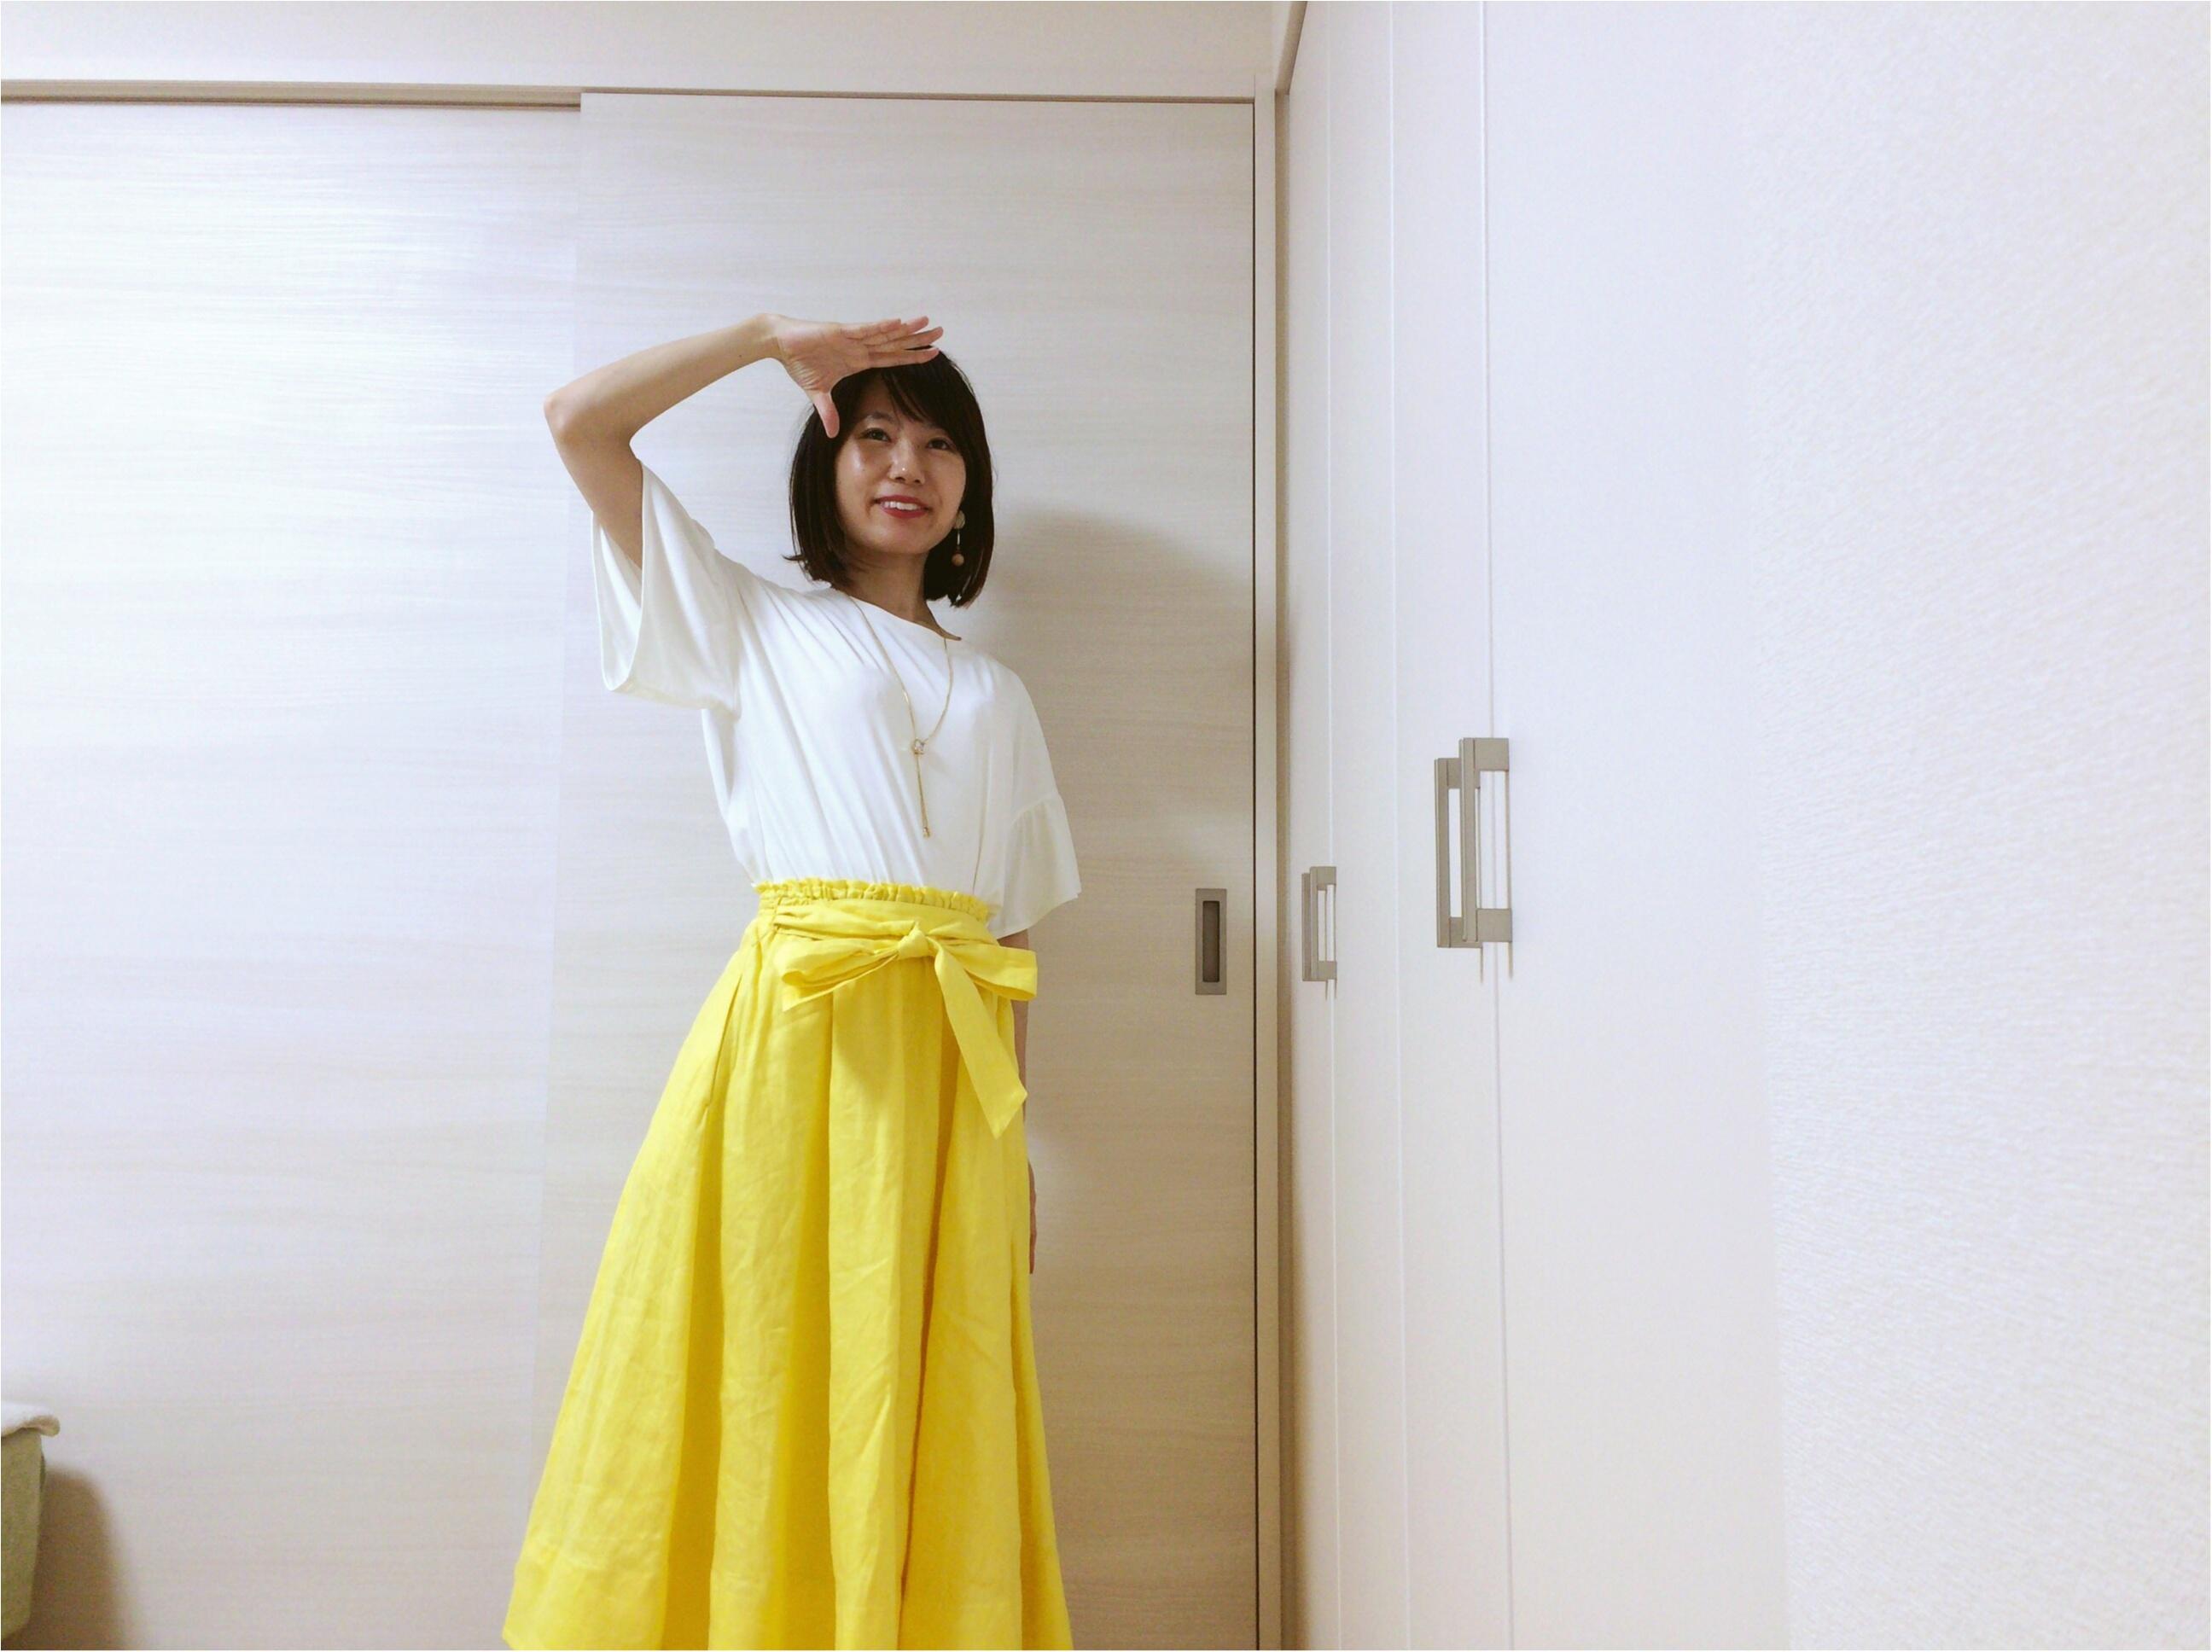 即使える【夏コーデ3選】流行!《イエロースカート》カジュアルからオフィス・休日まで簡単着回し♡_3